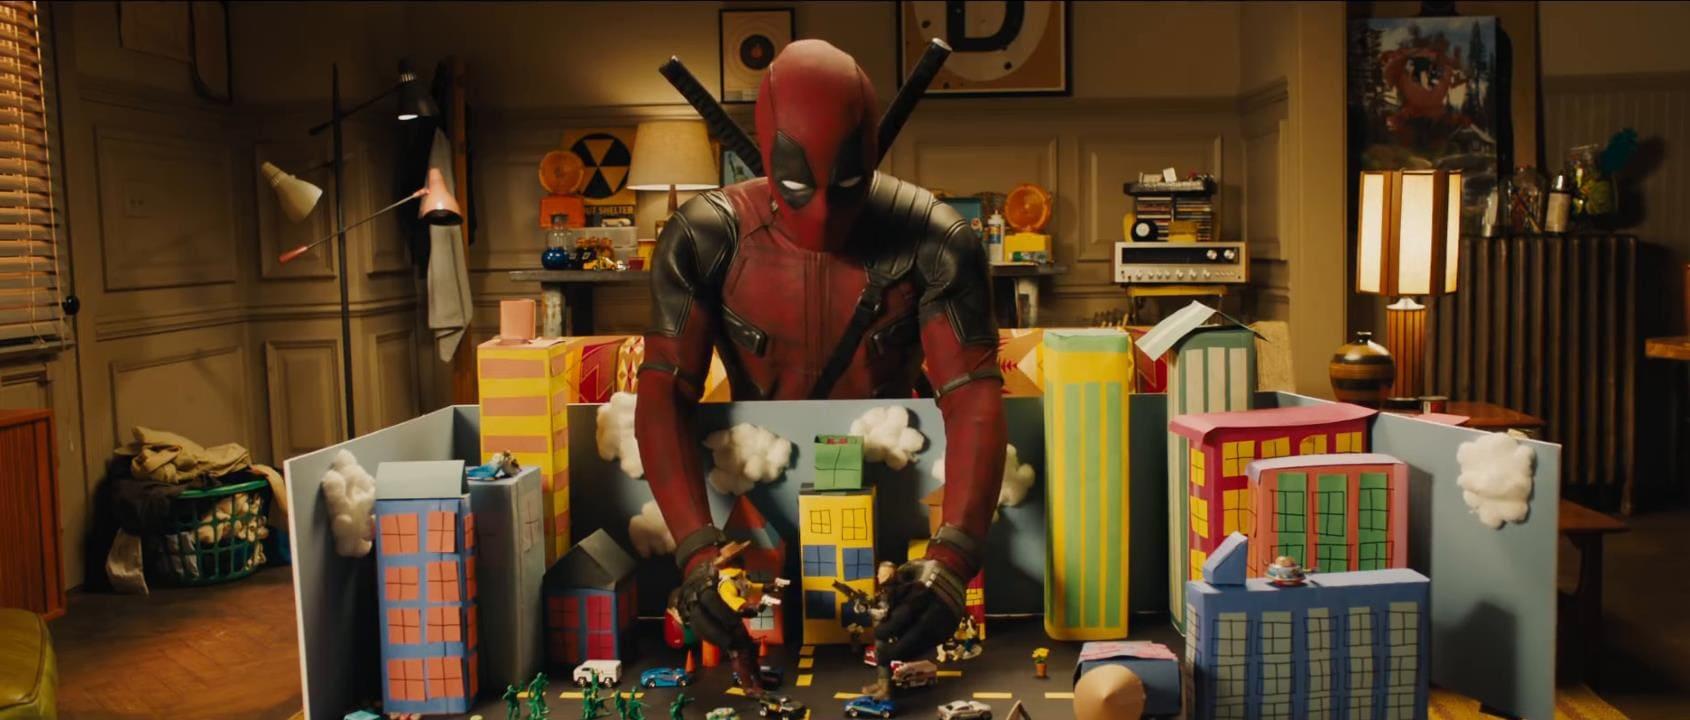 Deadpool 2 Trailer Introduces Cable, Mocks Justice League